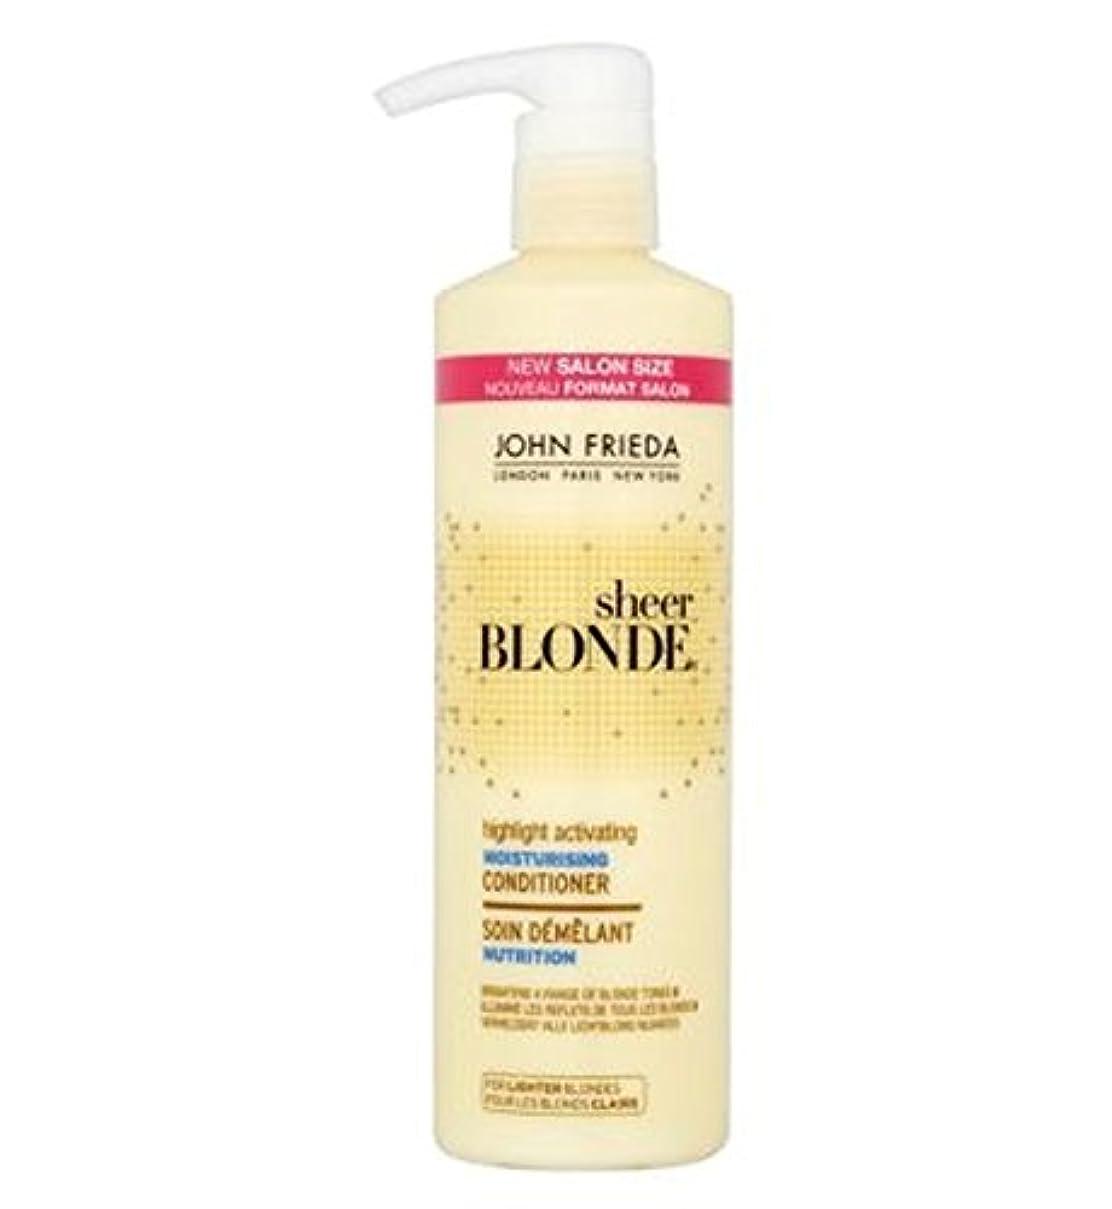 適度な有用遺体安置所John Frieda Sheer Blonde Highlight Activating Moisturising Conditioner 500ml - ジョン?フリーダ薄手のブロンドのハイライト活性化保湿コンディショナー...